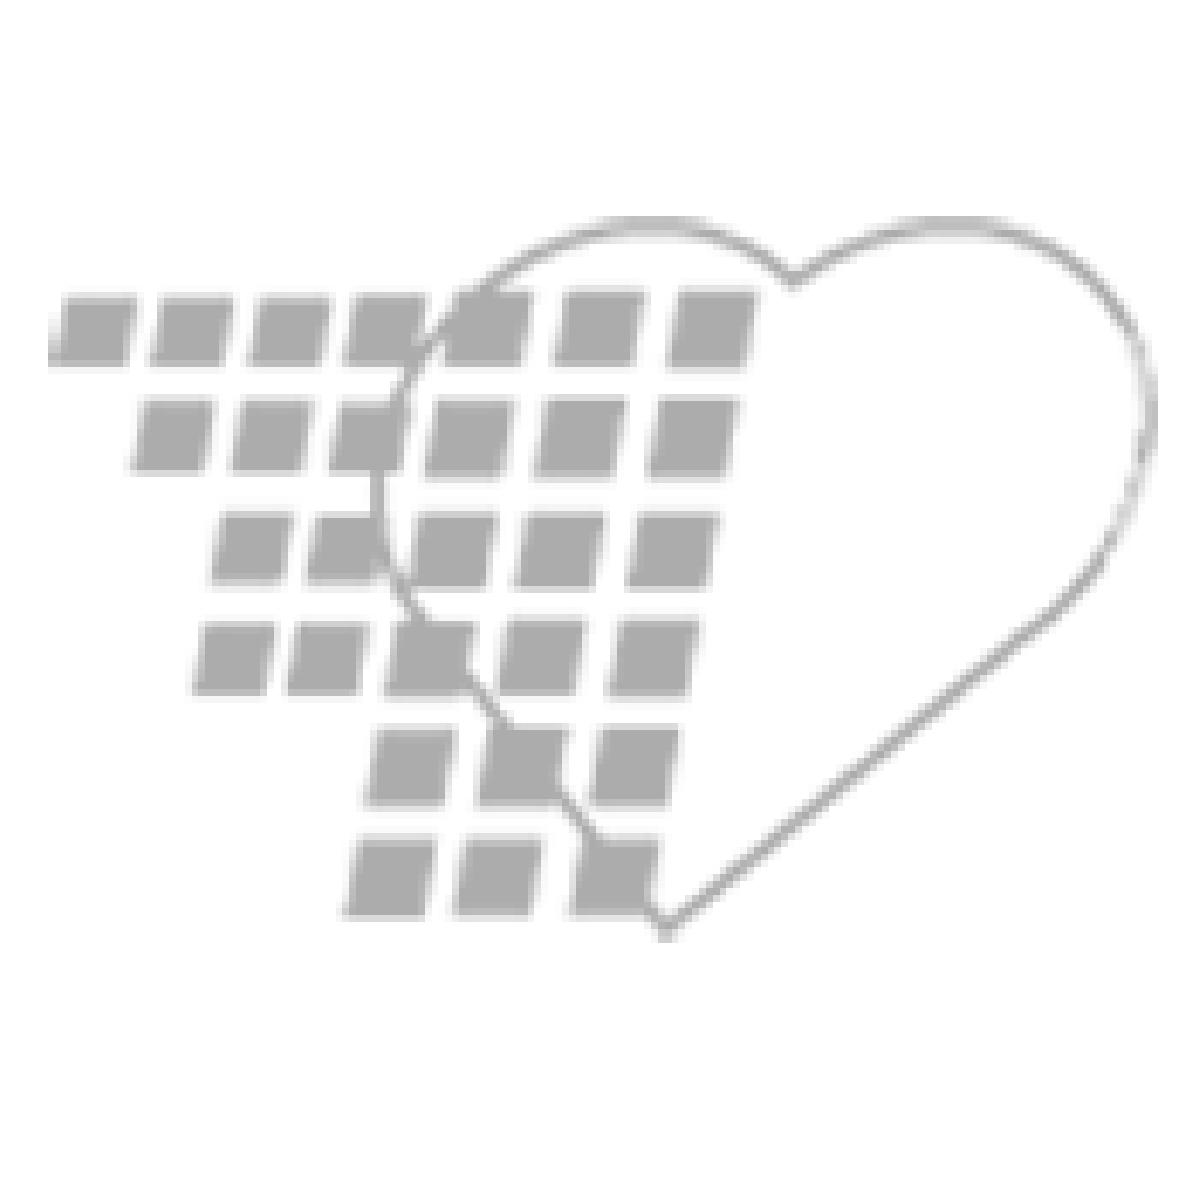 02-24-6669 Recording Paper for F6/F9 Fetal Monitors 152mm